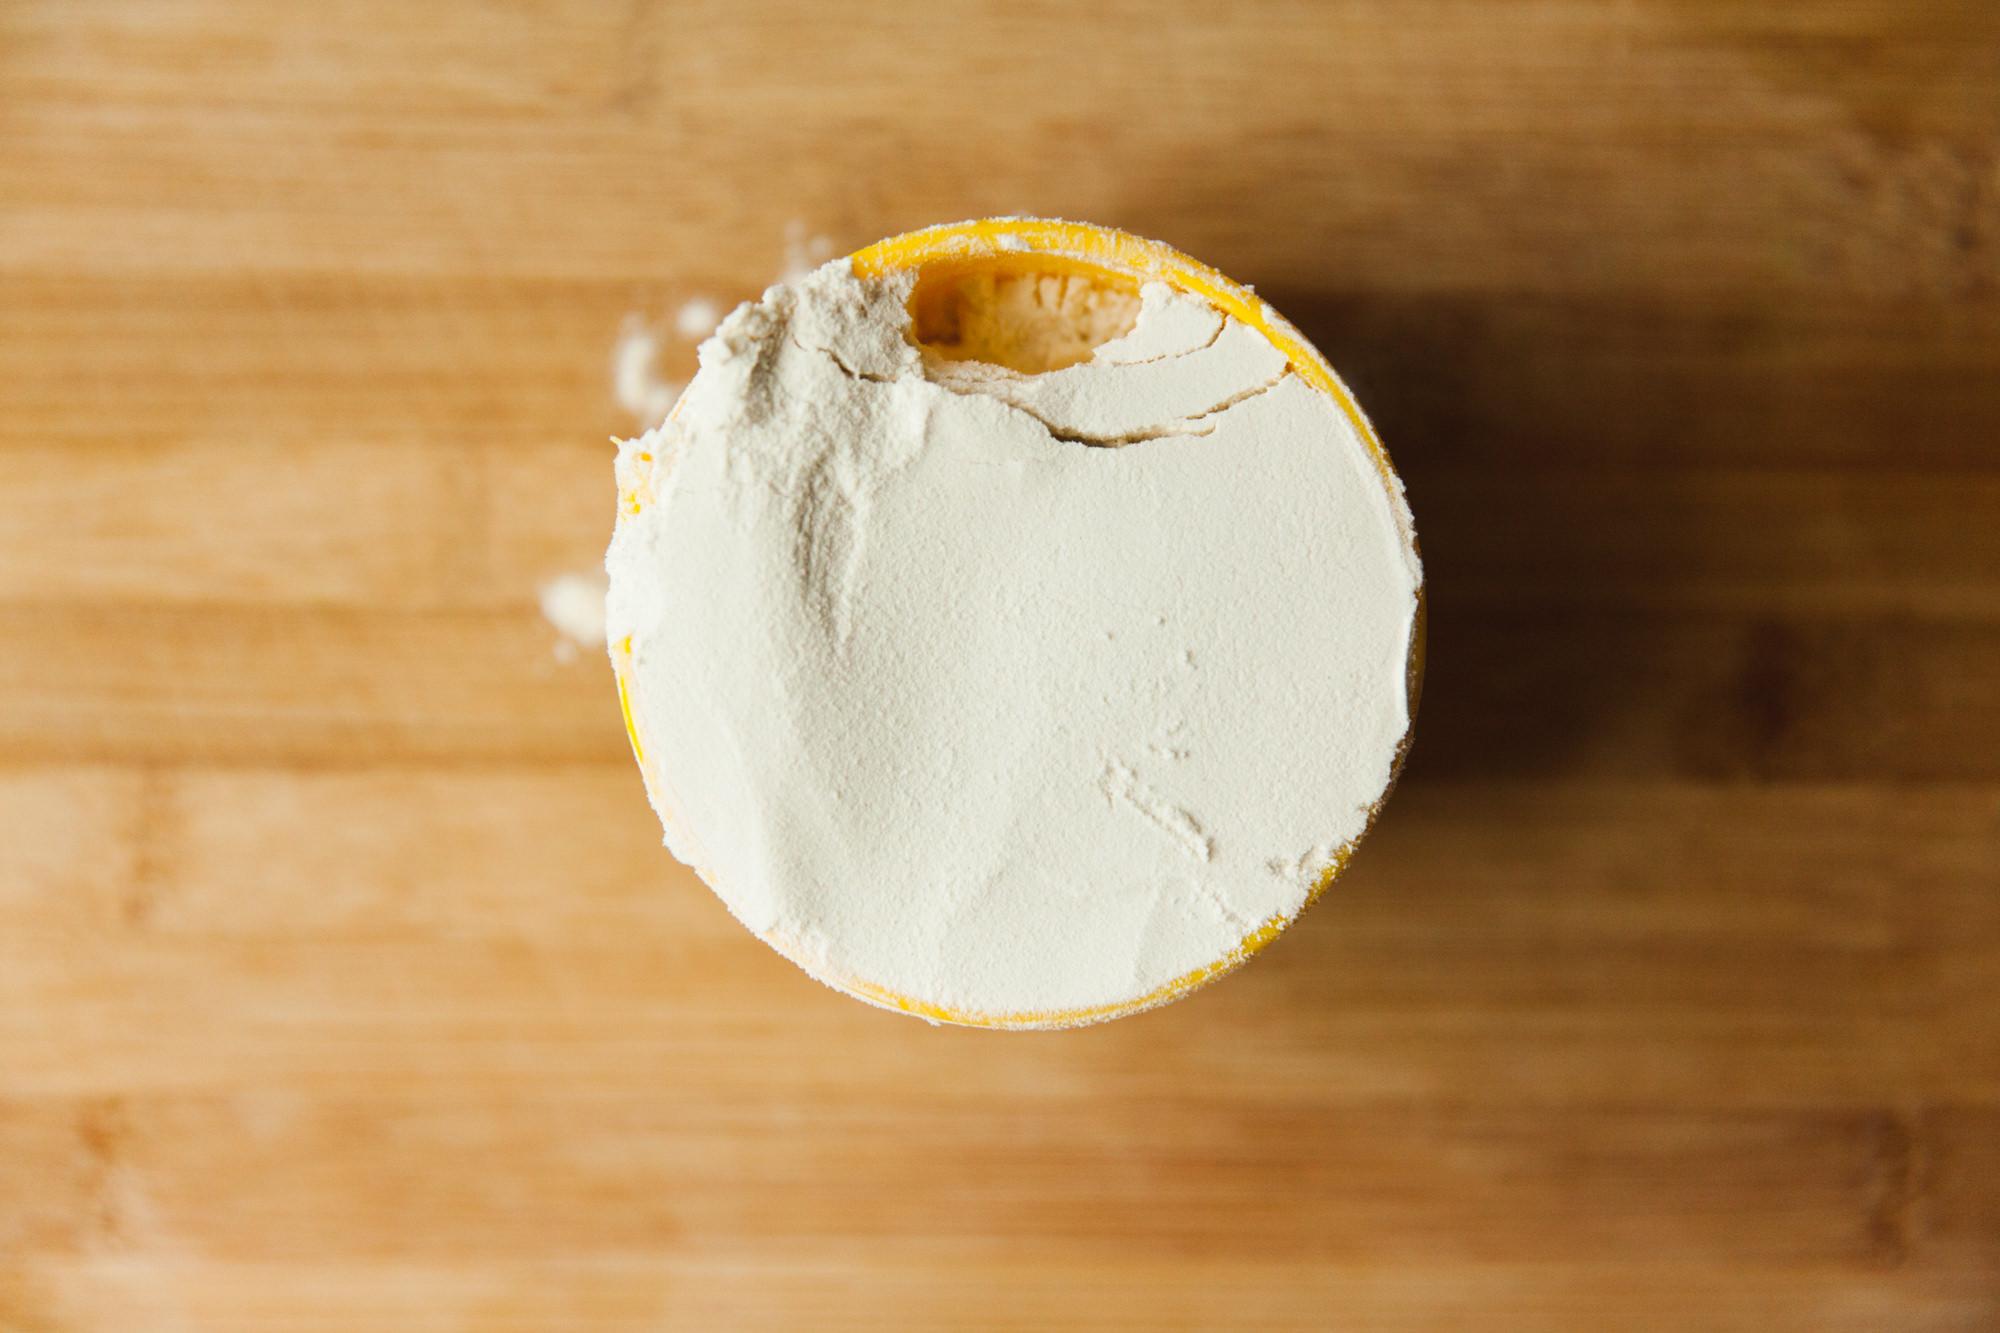 olive-oil-cake-recipe-11.jpg